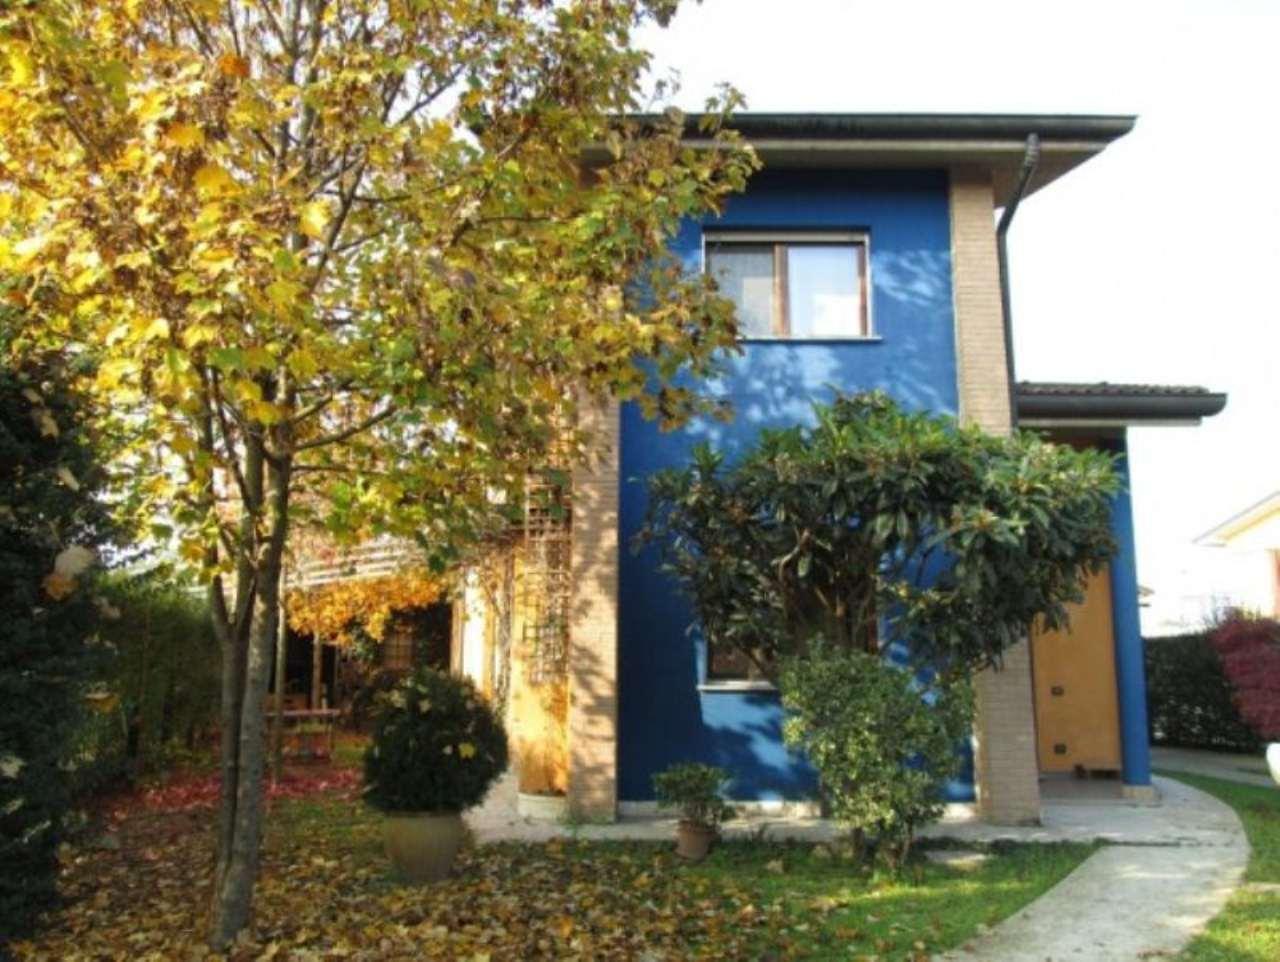 Villa in vendita a Crespiatica, 4 locali, prezzo € 270.000 | CambioCasa.it